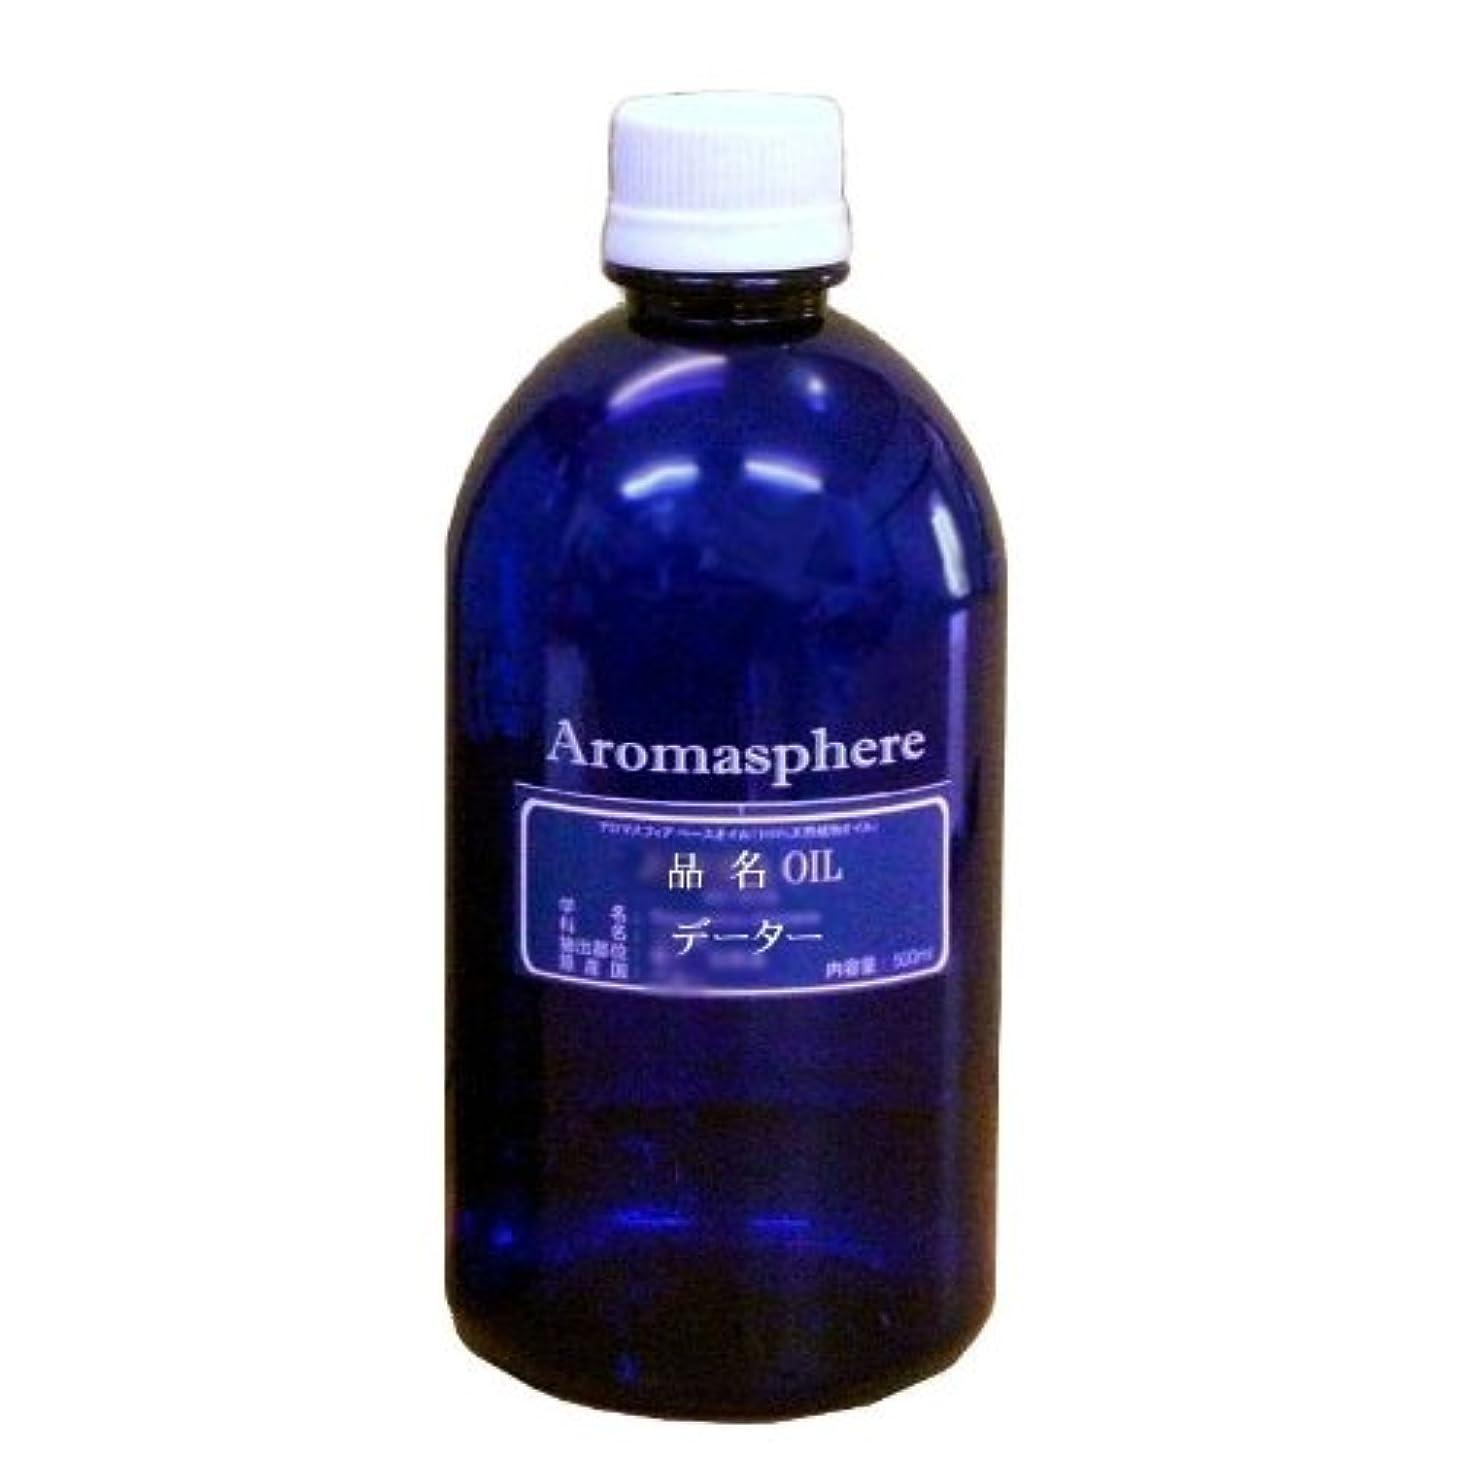 【アロマスフィア】 マカデミアナッツオイル 500ml